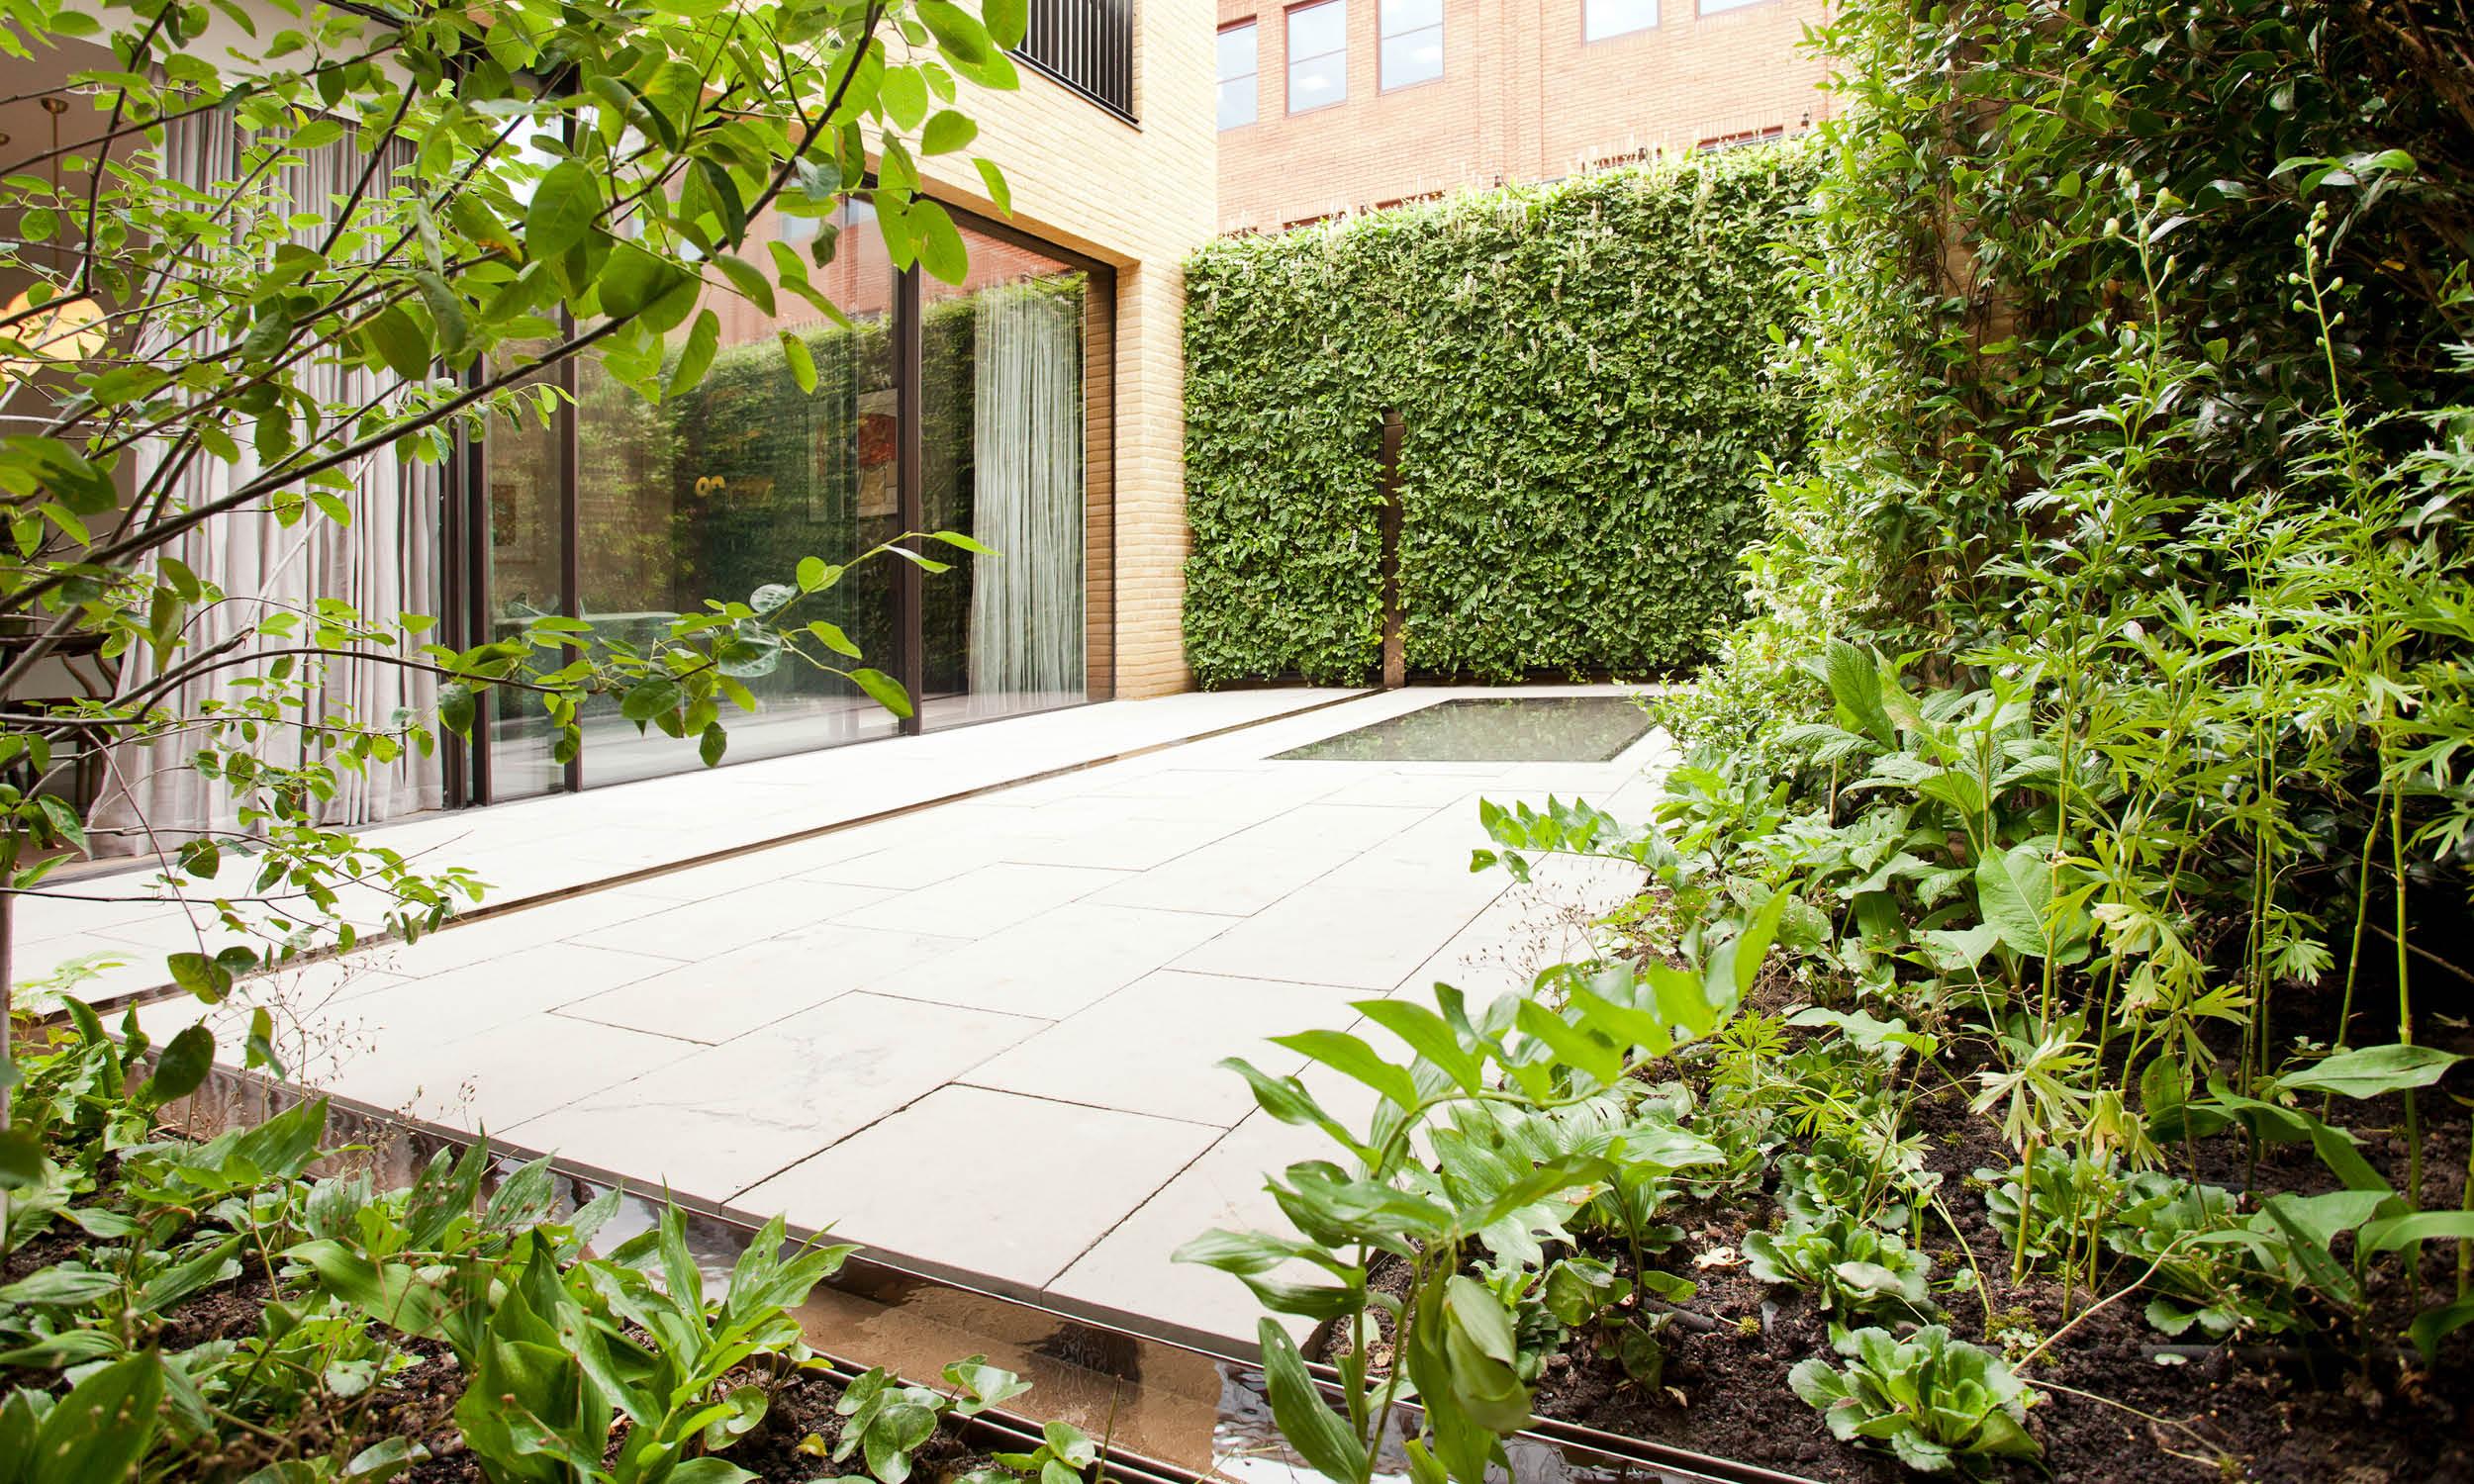 L 39 ultimo lavoro di stefano architetto green a londra for Raccordo casa verticale